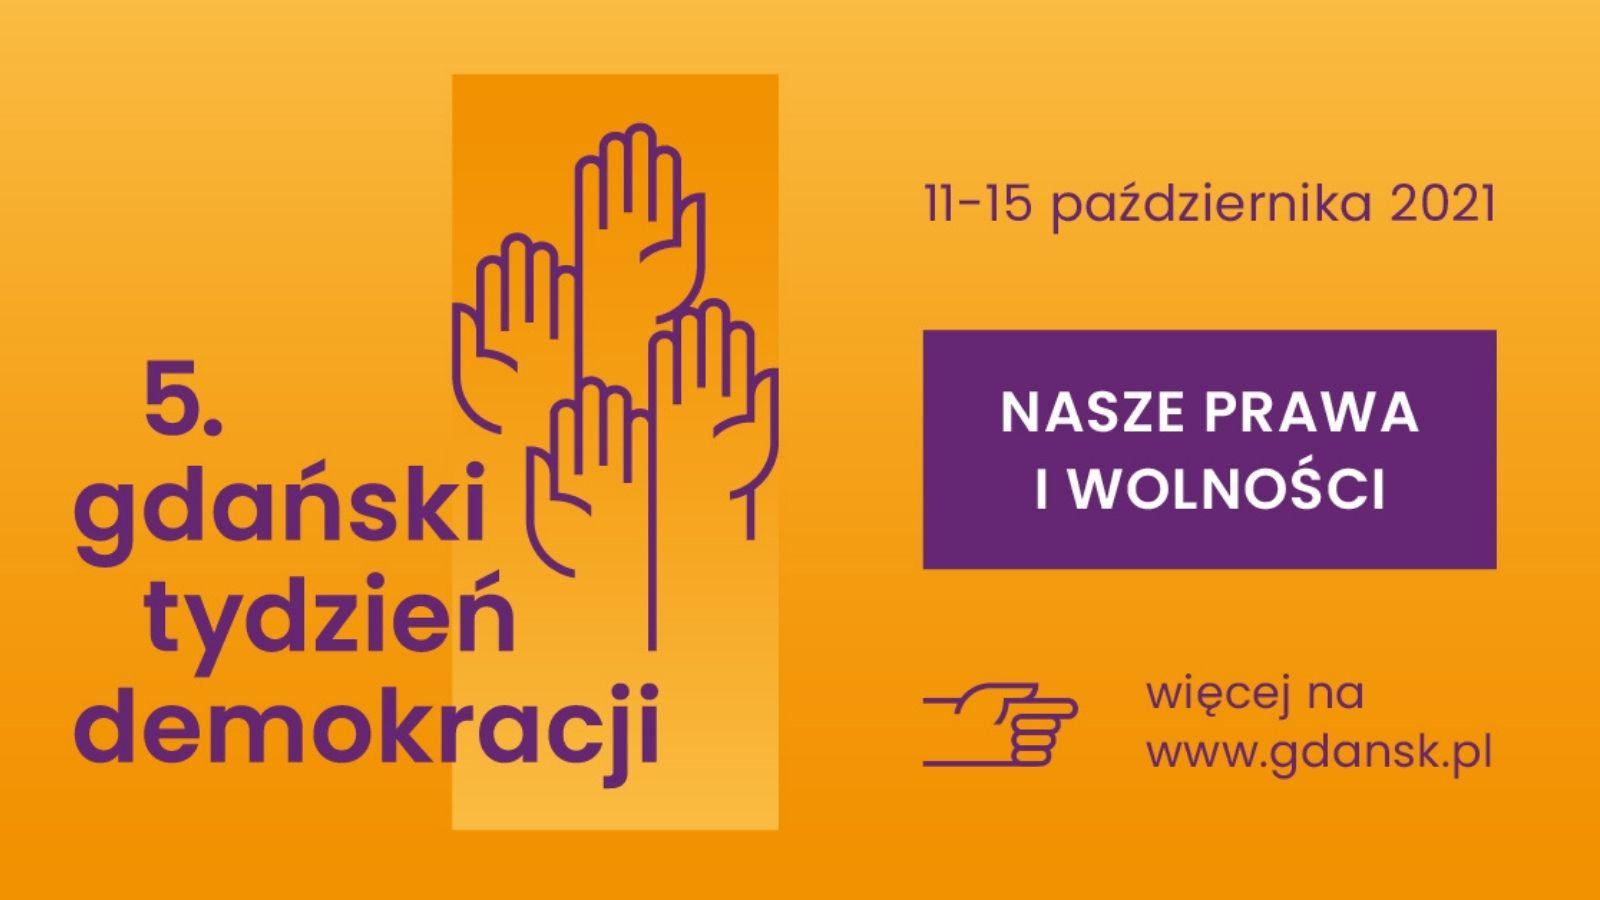 Gdański Tydzień Demokracji 2021